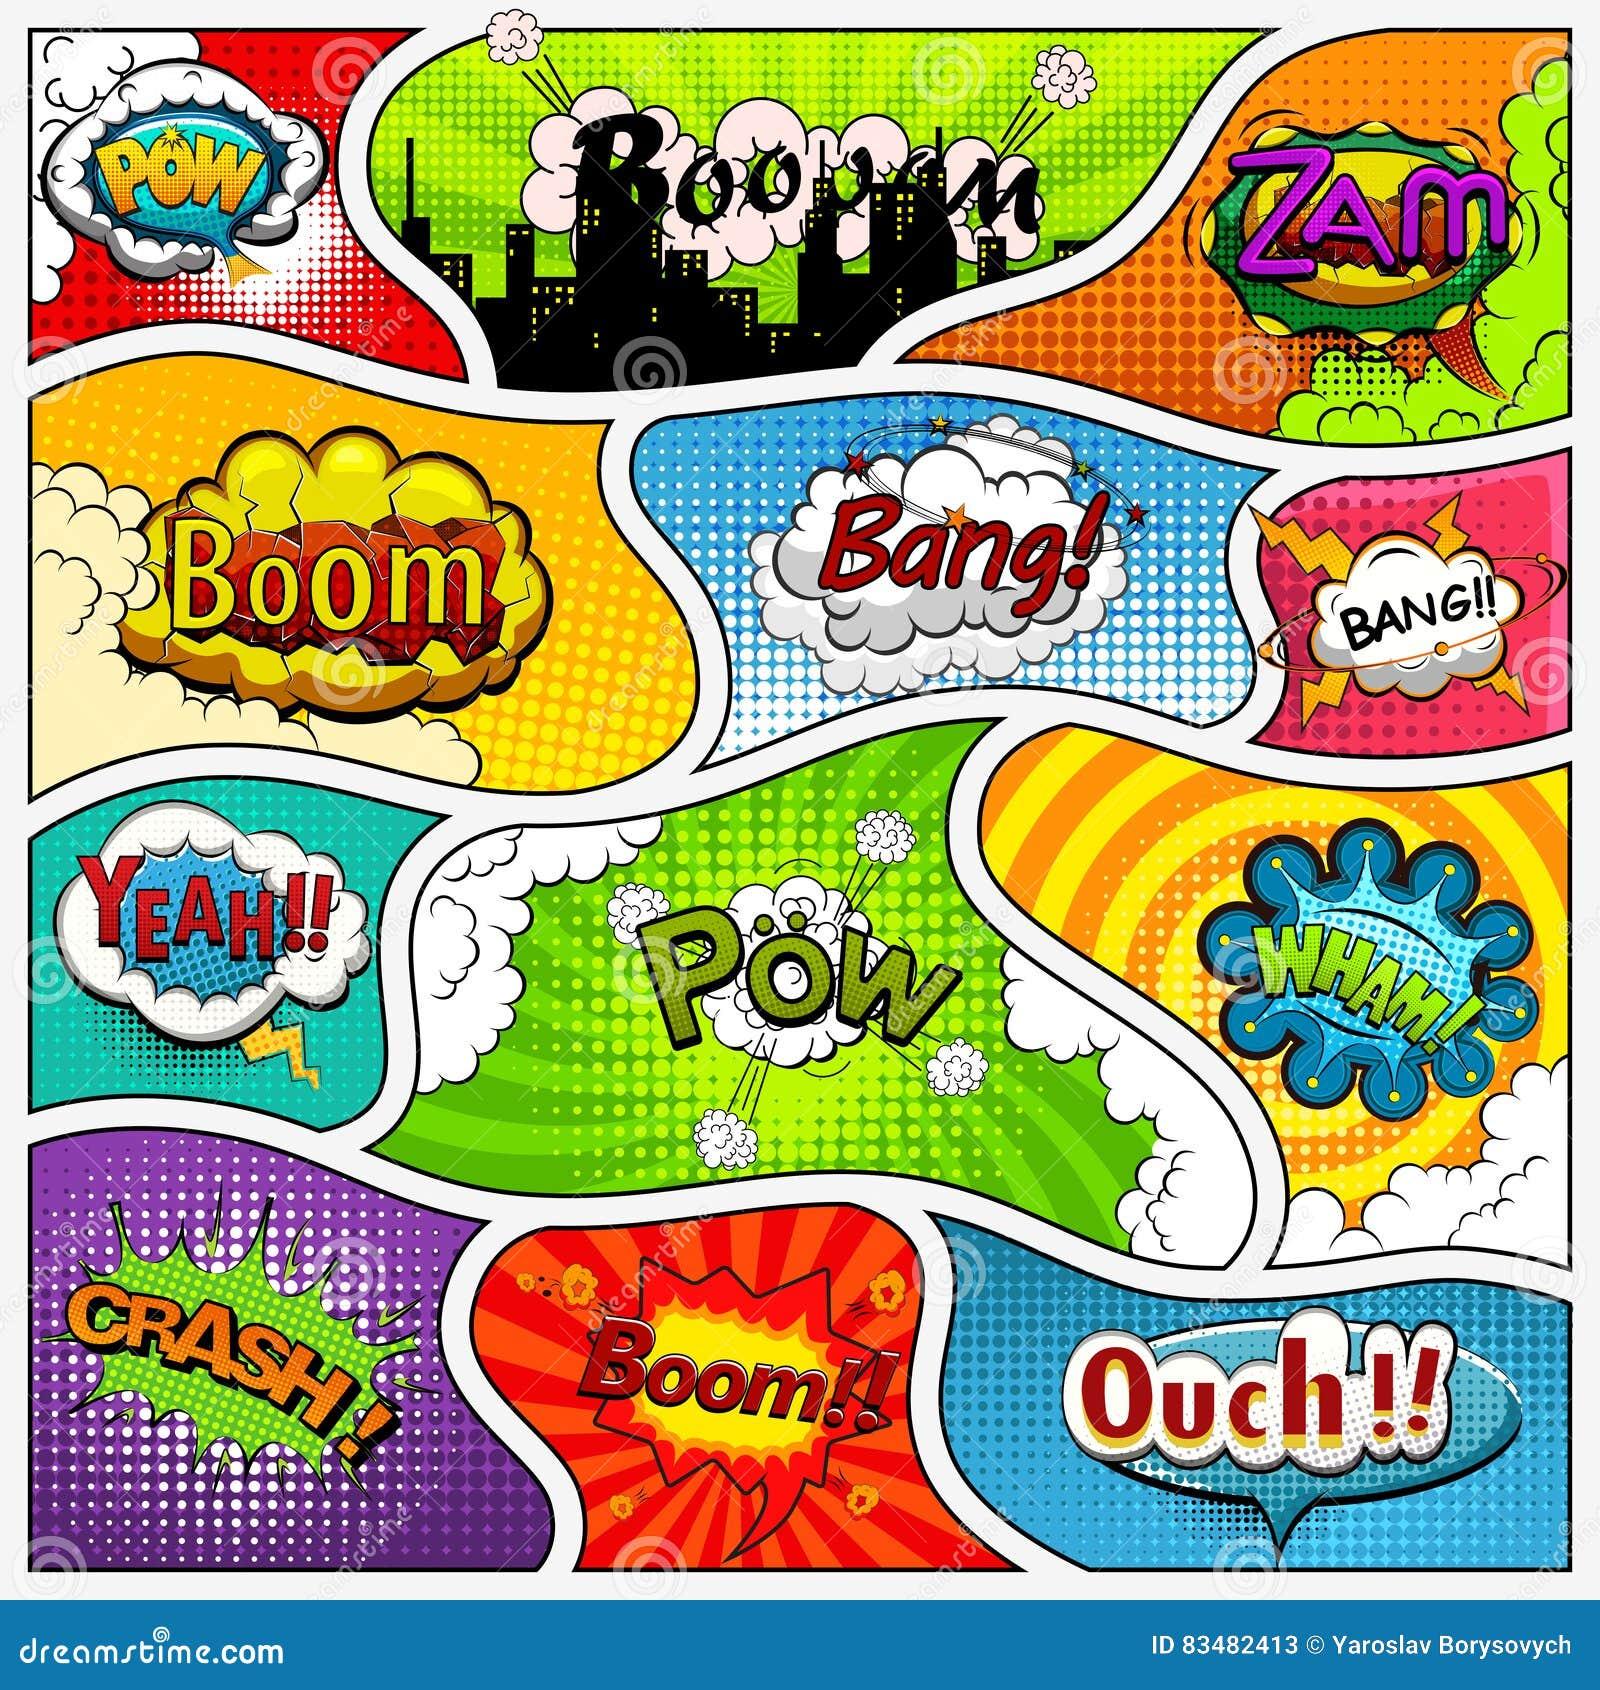 Comic-Buch-Seitenhintergrund geteilt durch Linien Retro- Hintergrundmodell und -Klangeffekt Comics-Schablone Vektor